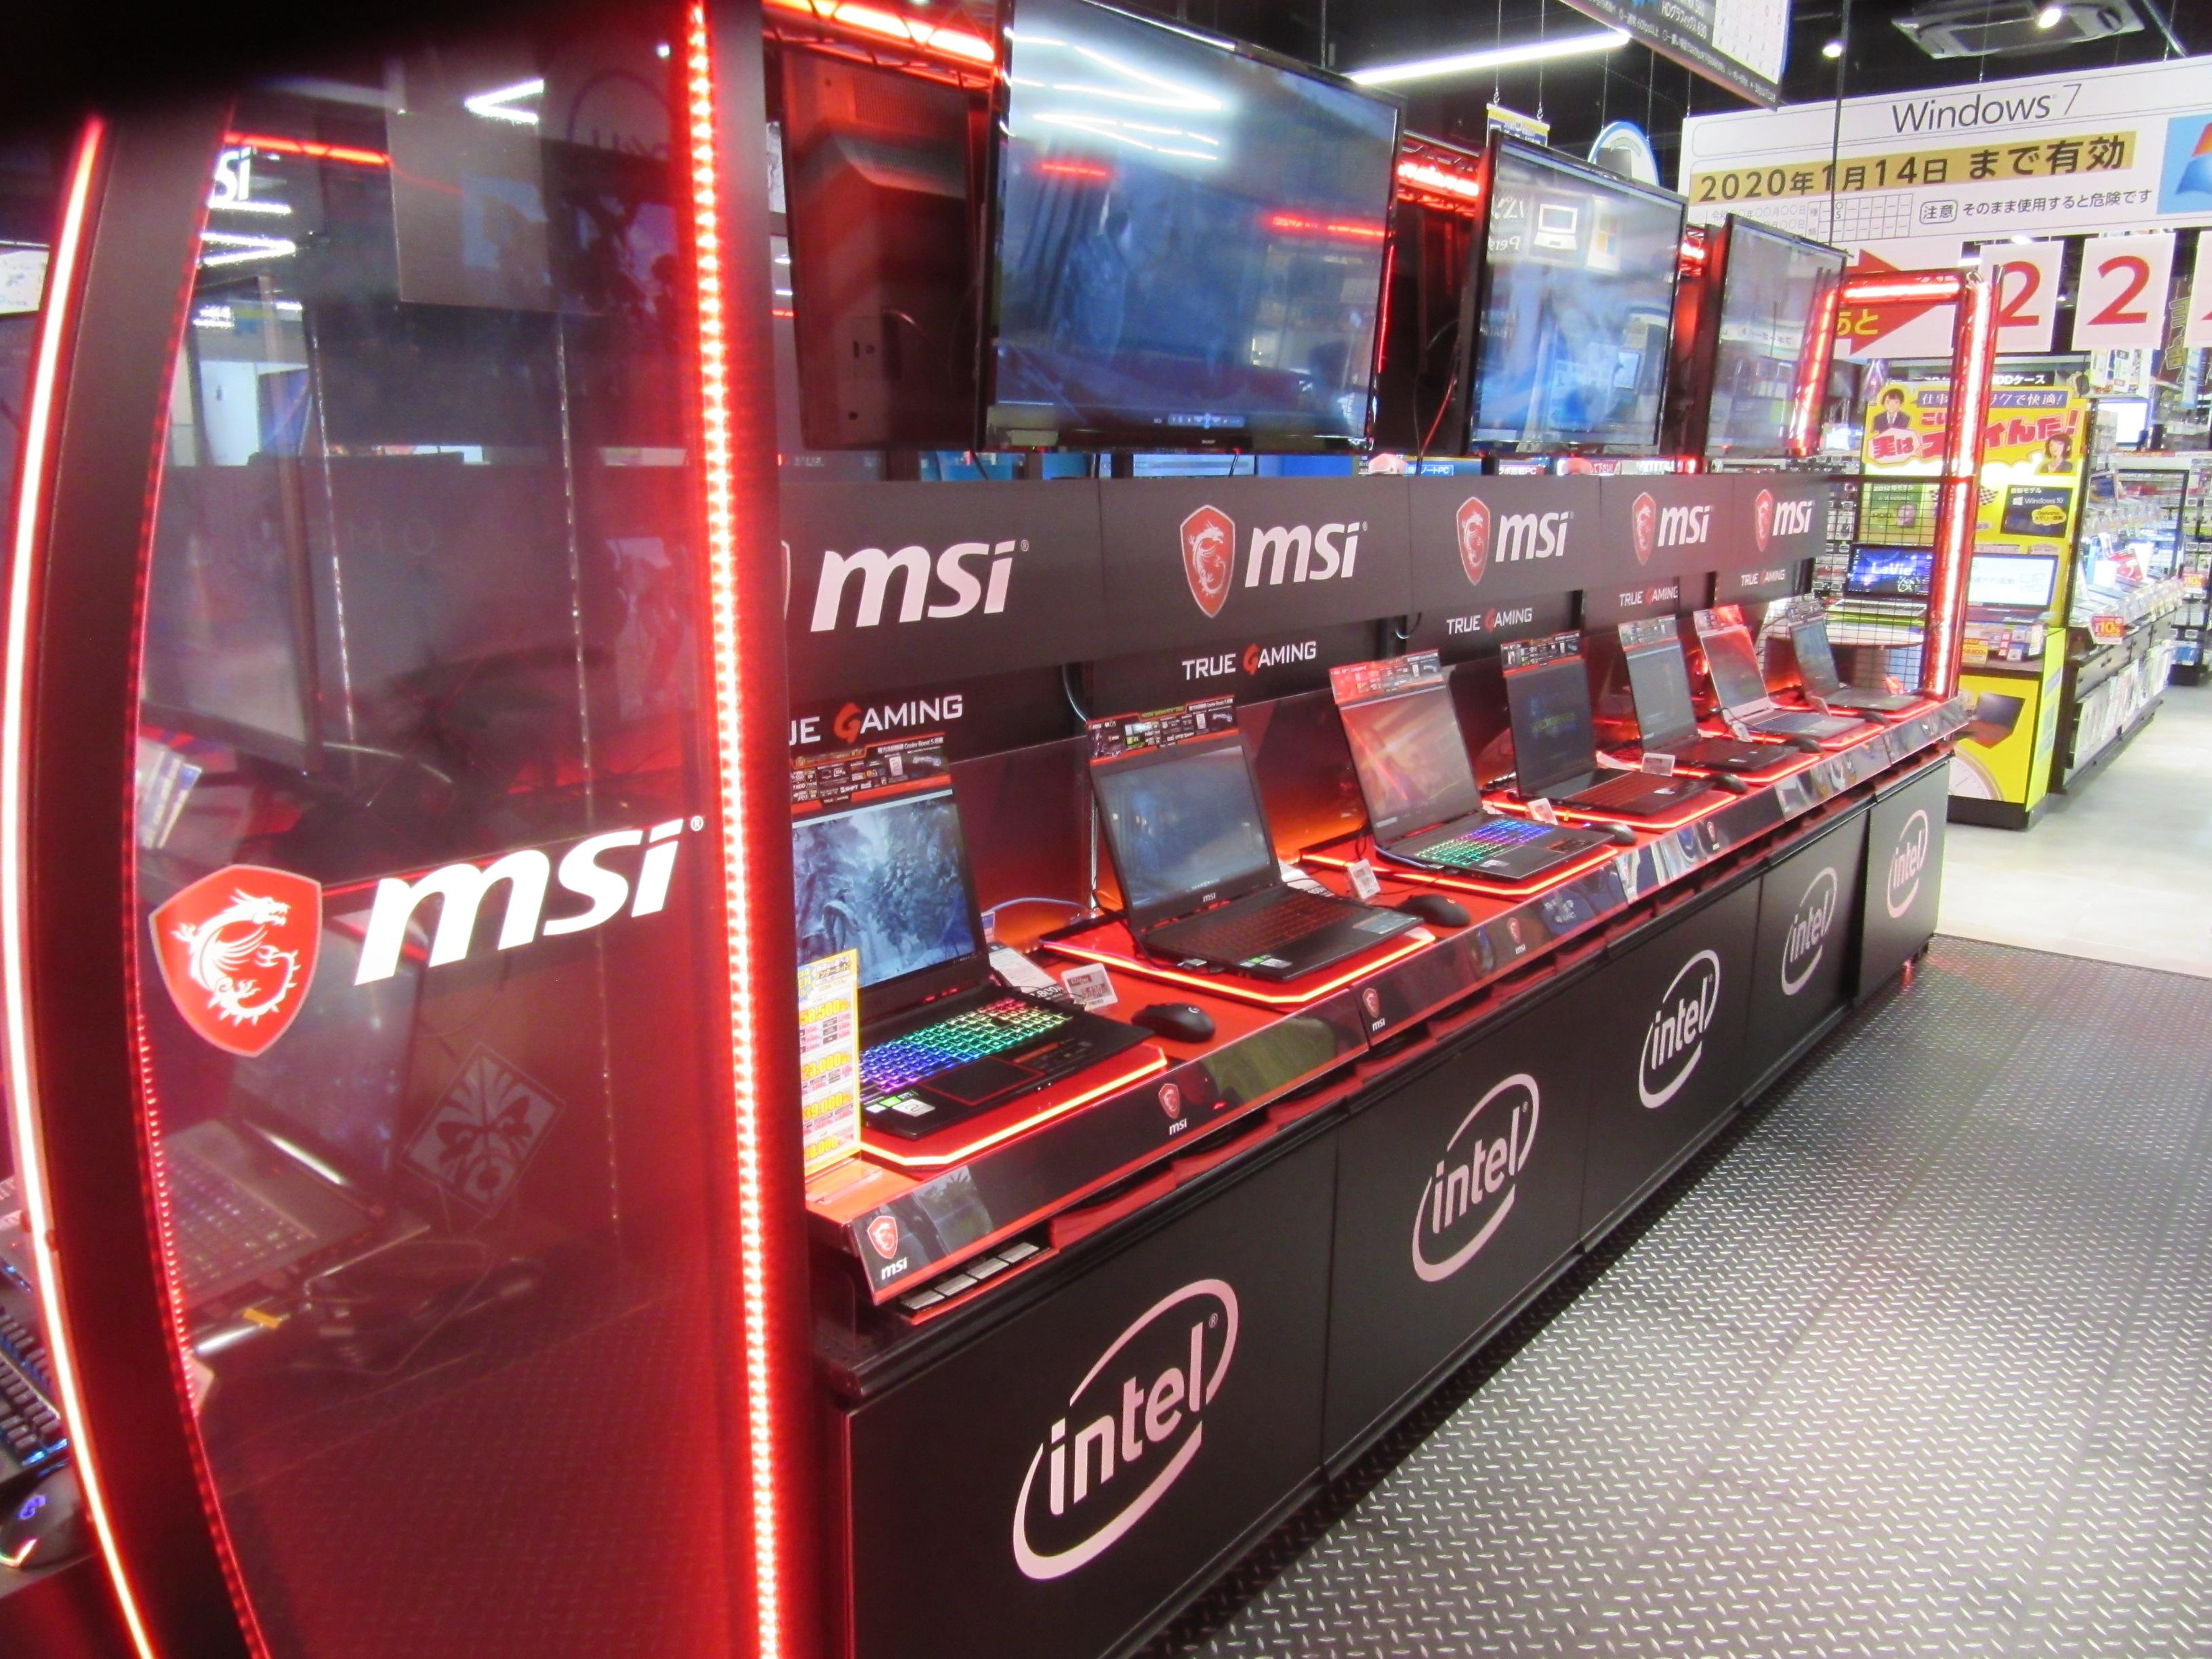 e-スポーツコーナーの隣にゲーミングPCを展示し、体験が販売に結びつくような売り場レイアウトだ